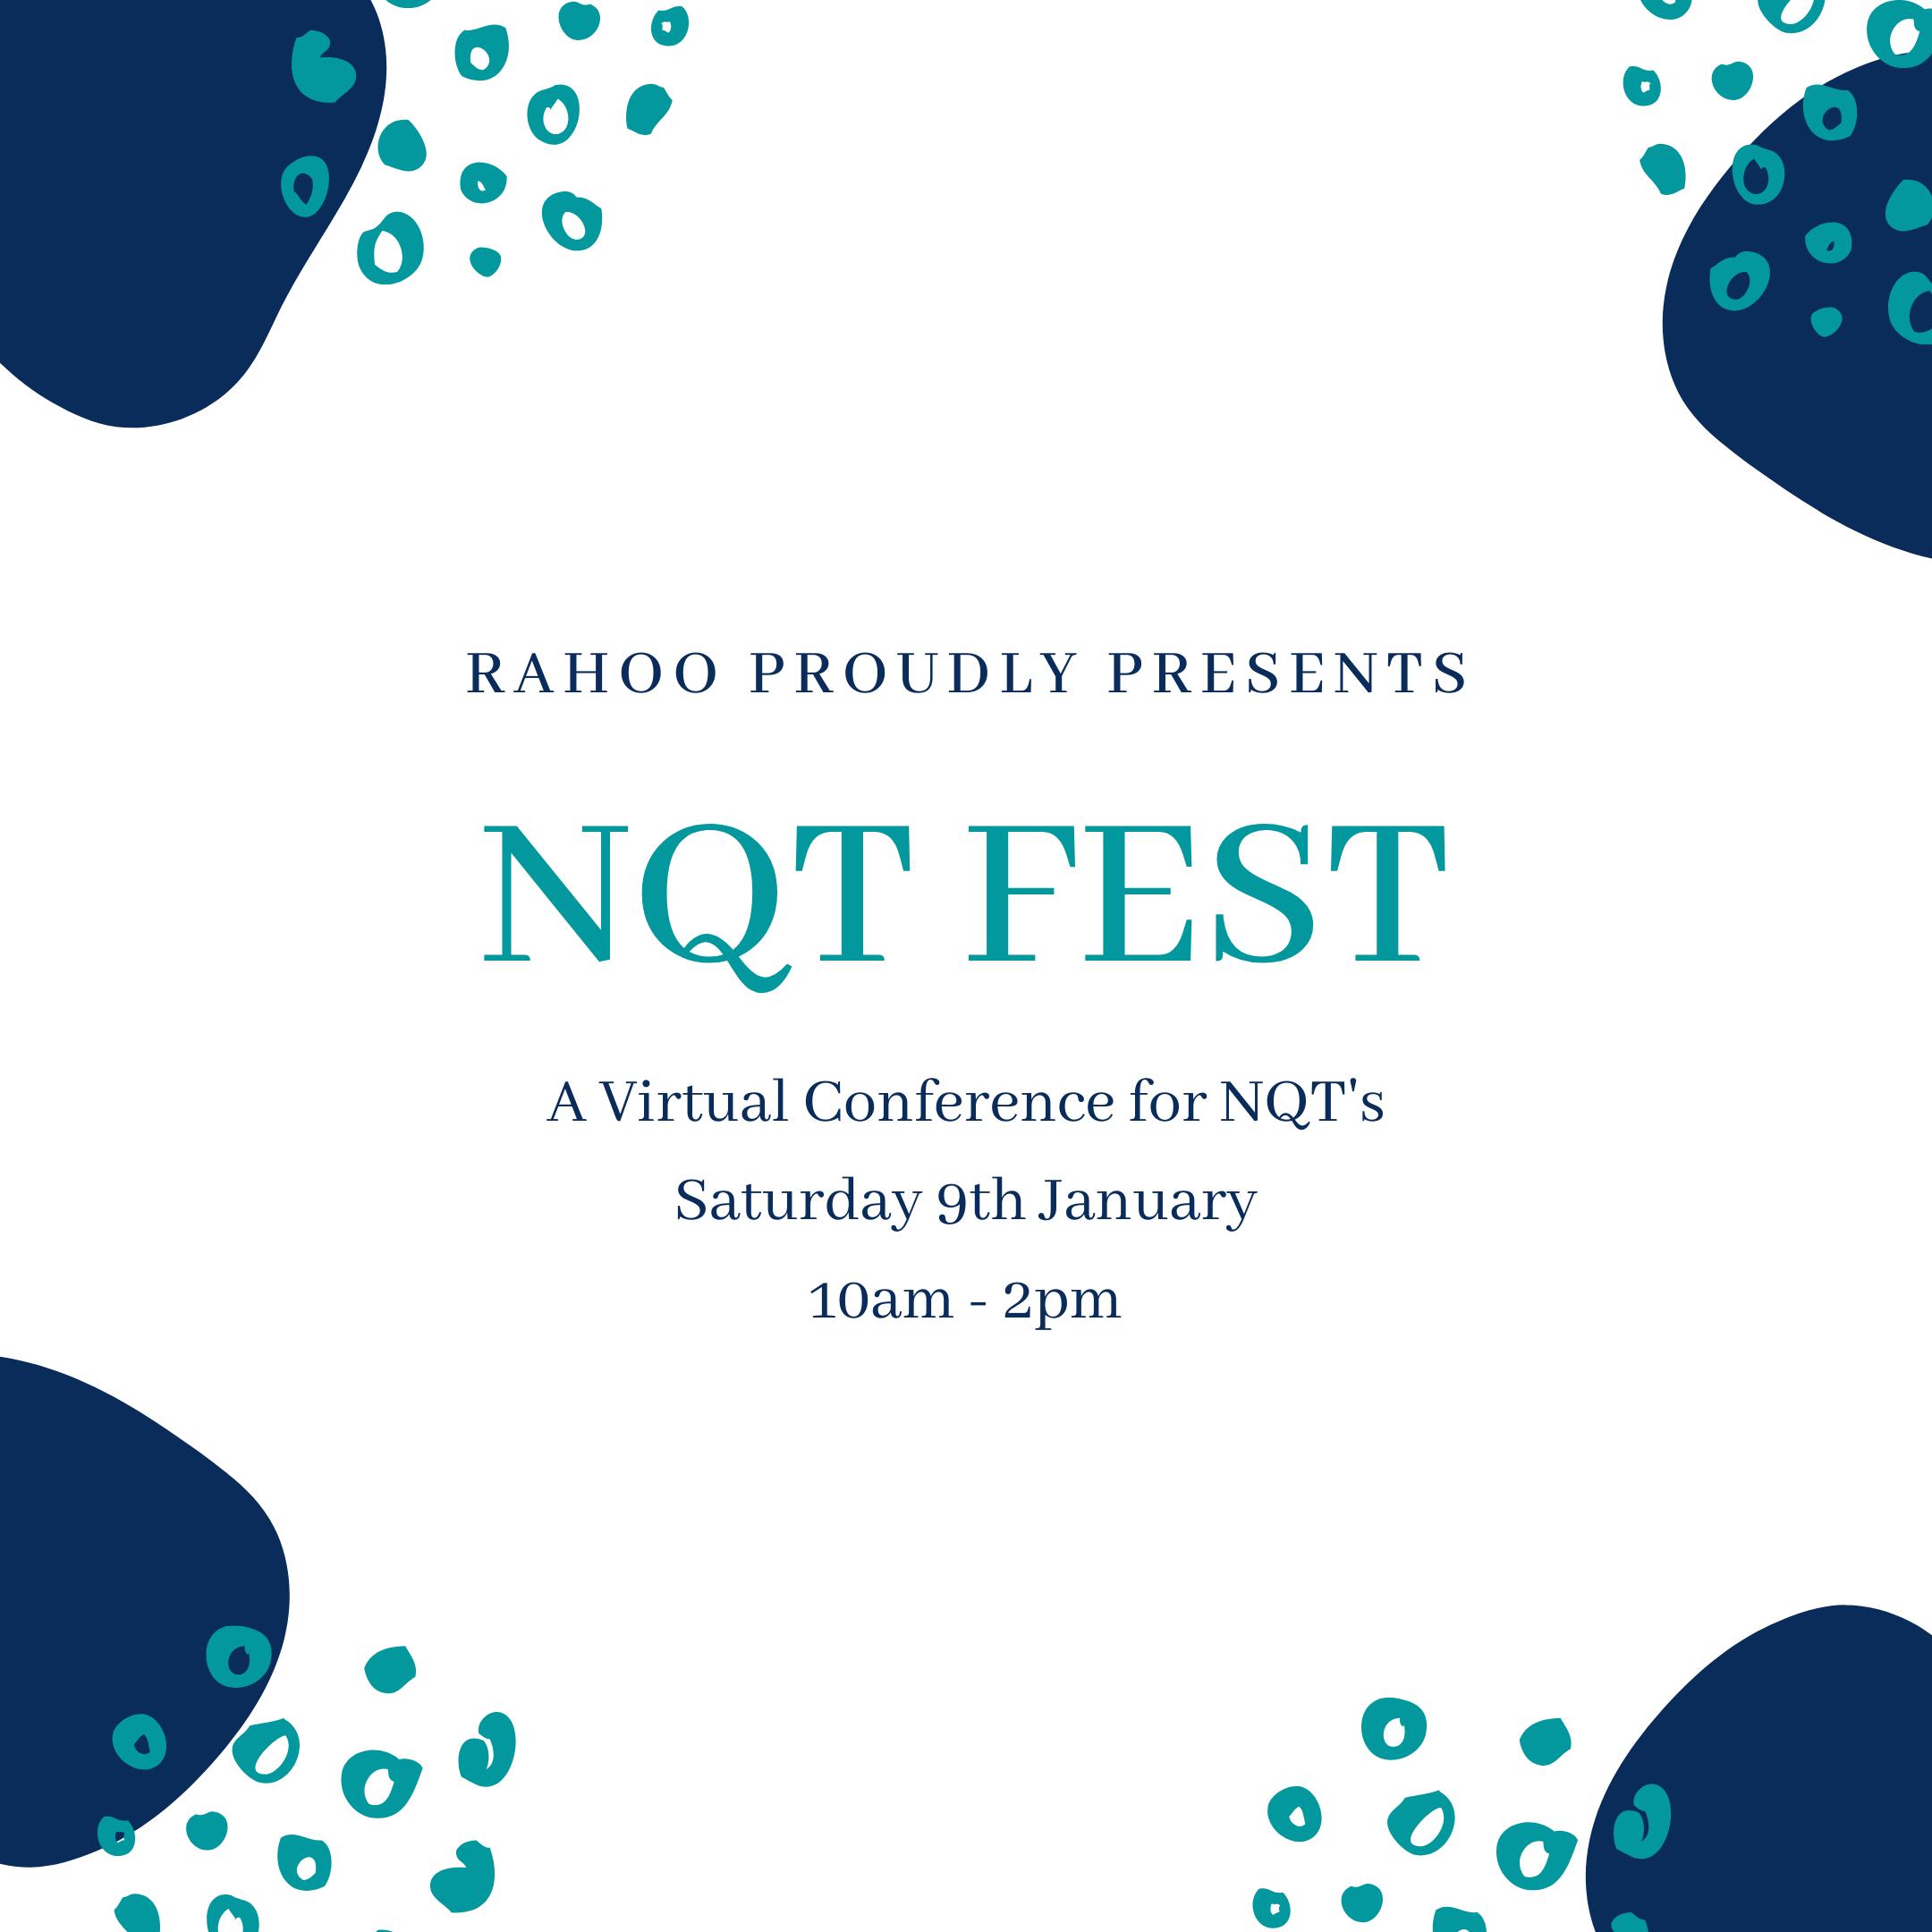 nqtfest_rahoo